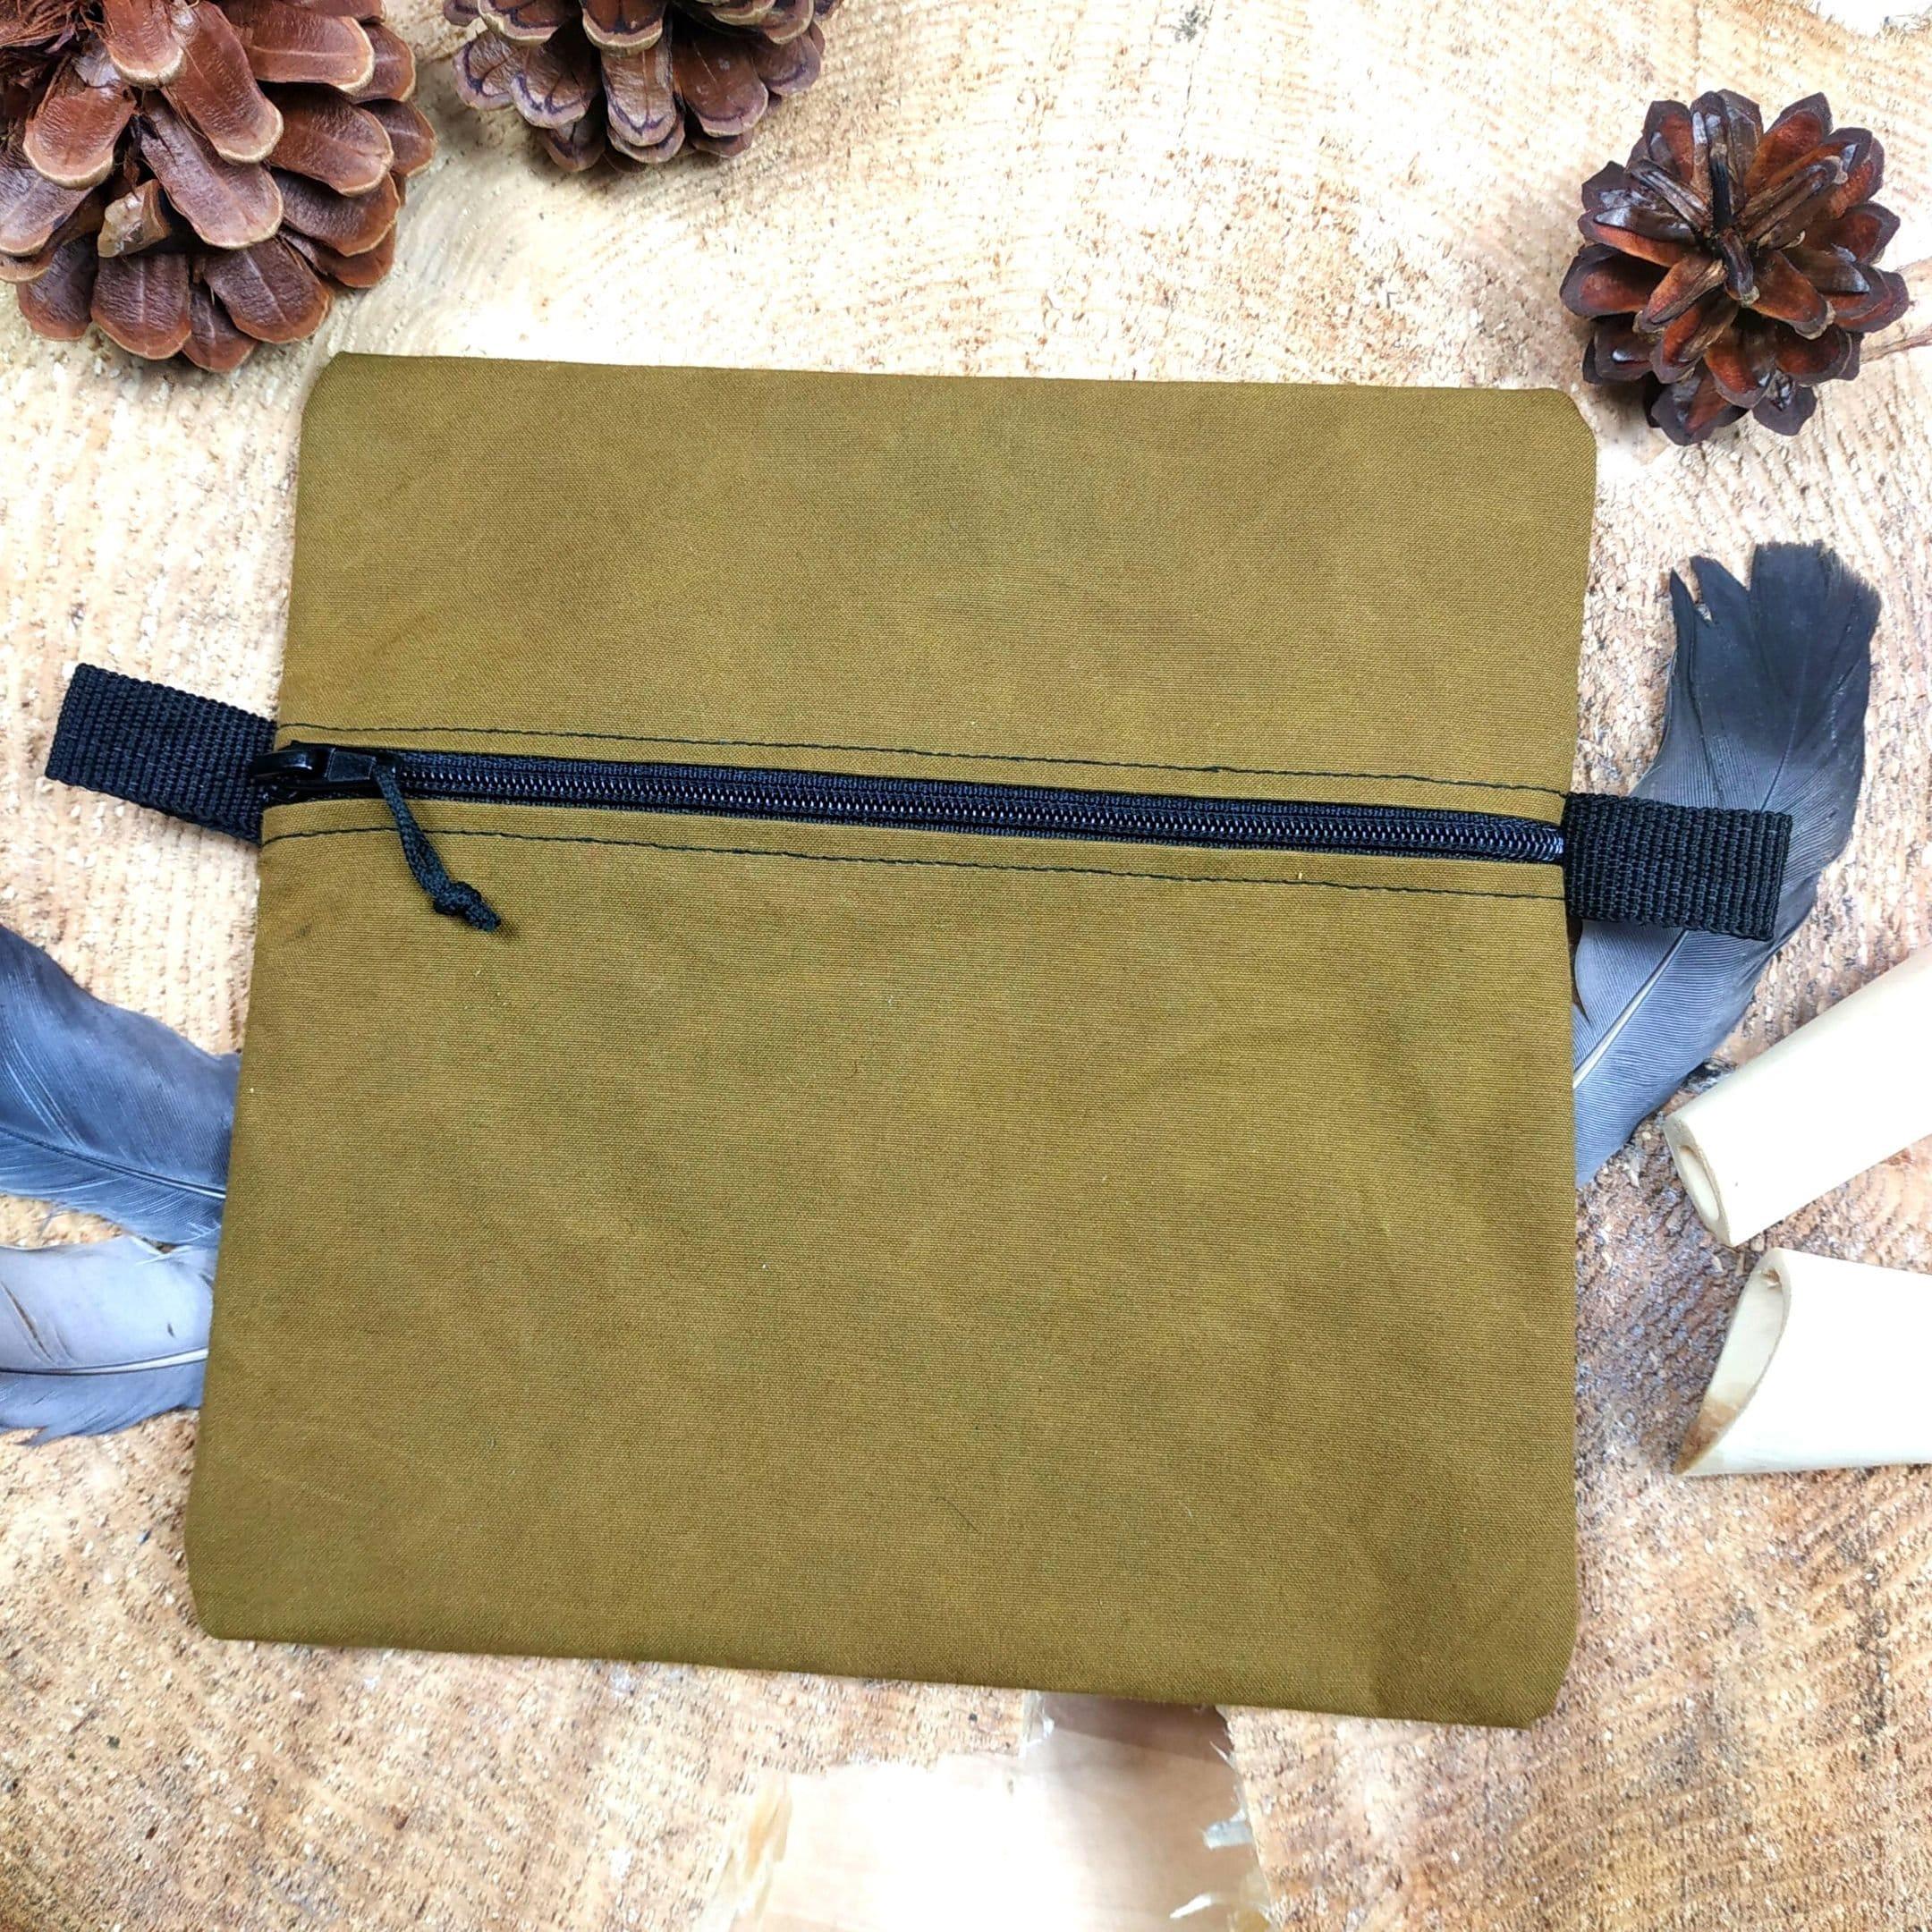 Taschenbeutel aus Oilskin-Baumwolle, 100 % handgefertigt, für Outdoor-Leidenschaftler (Bushcraft | Survival | Trekking)